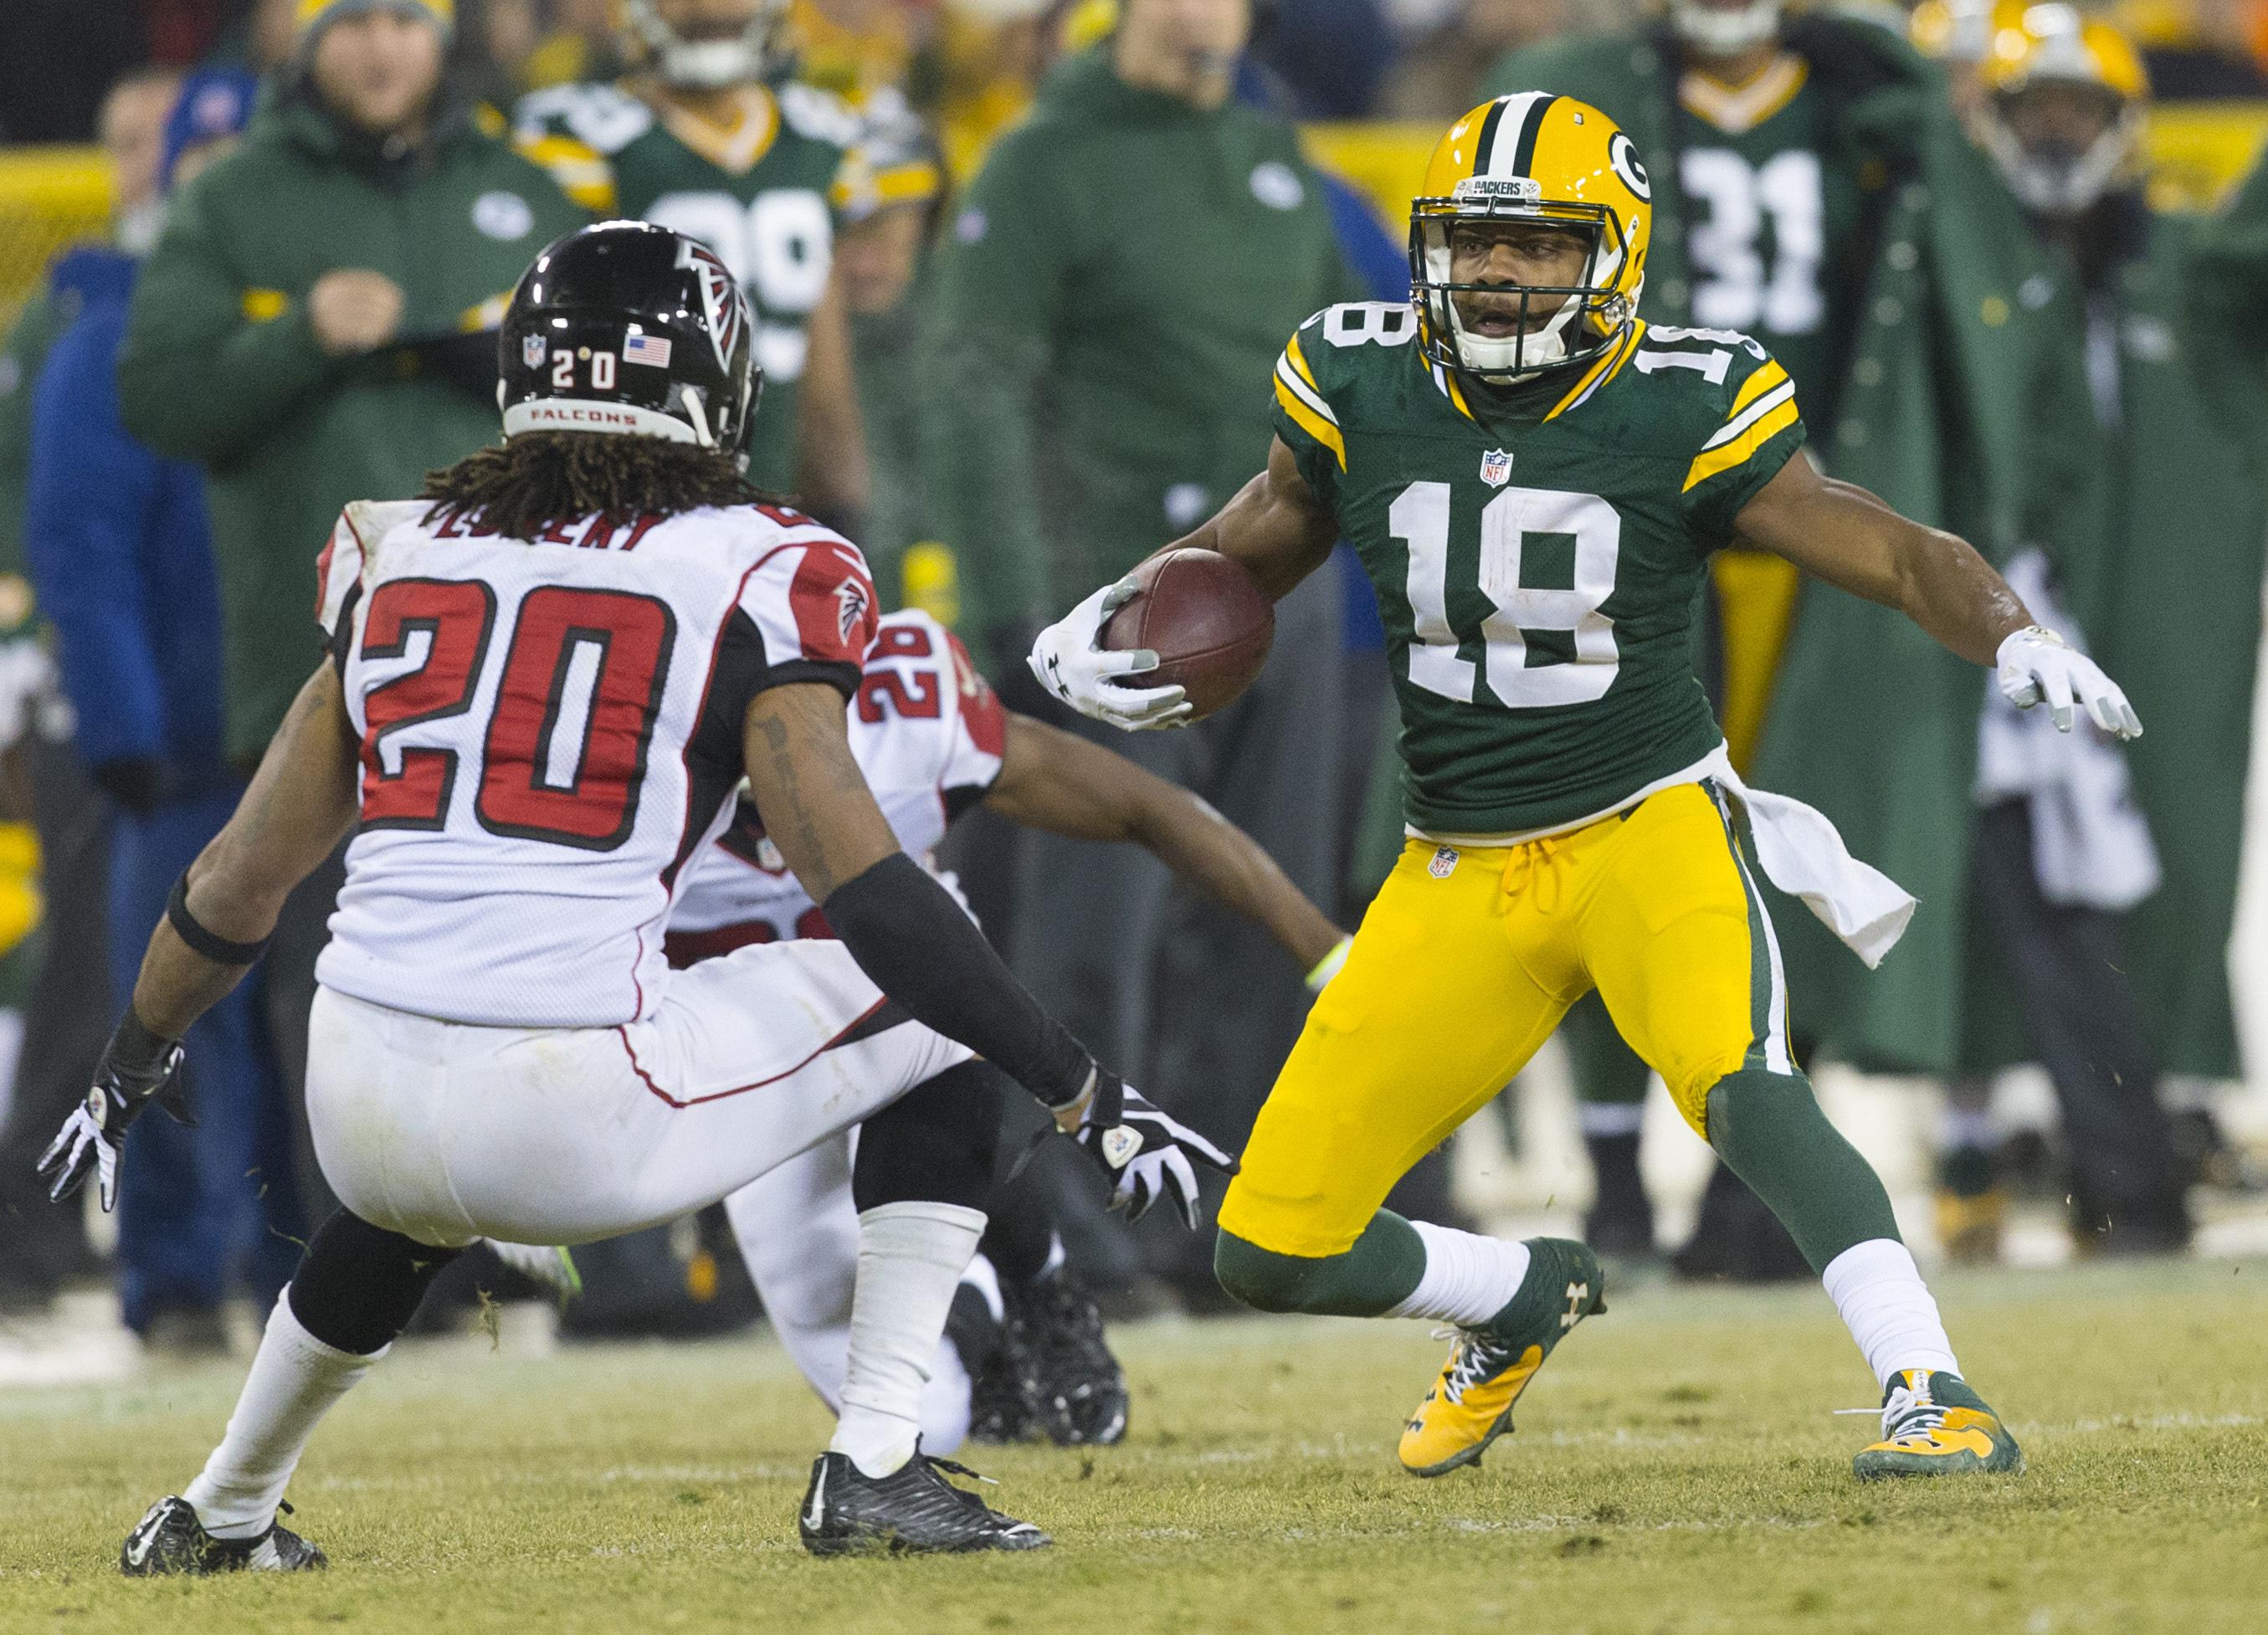 NFL: Atlanta Falcons at Green Bay Packers